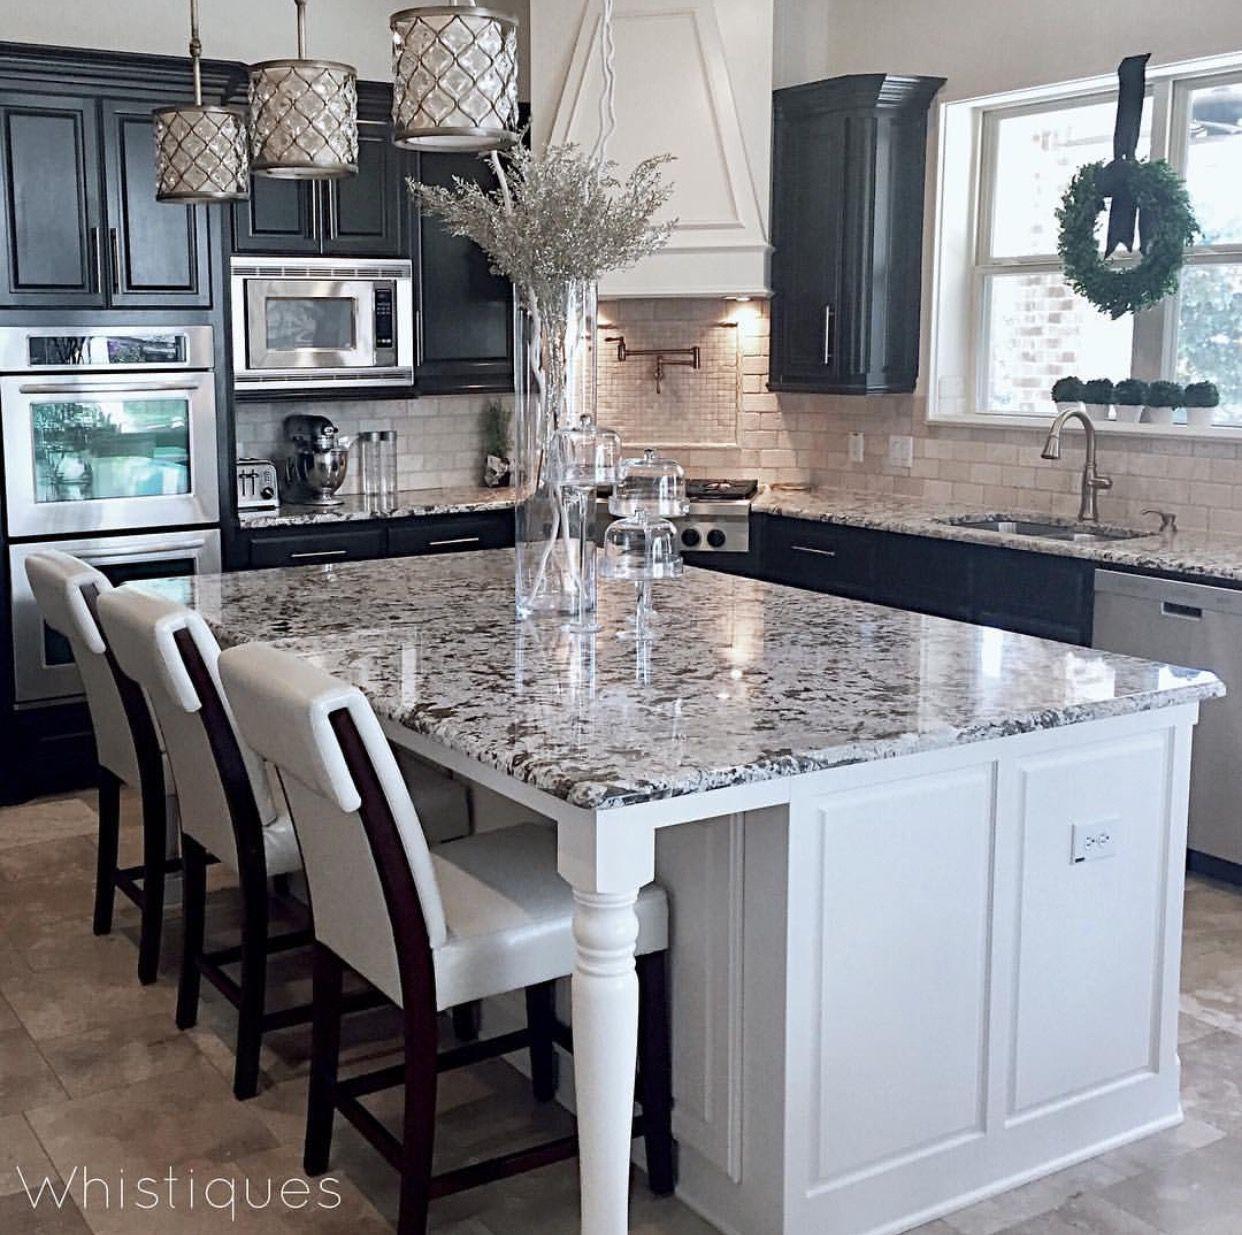 Dark Cabinets Light Island Backsplash With Images Home Remodeling Sweet Home Kitchen Design